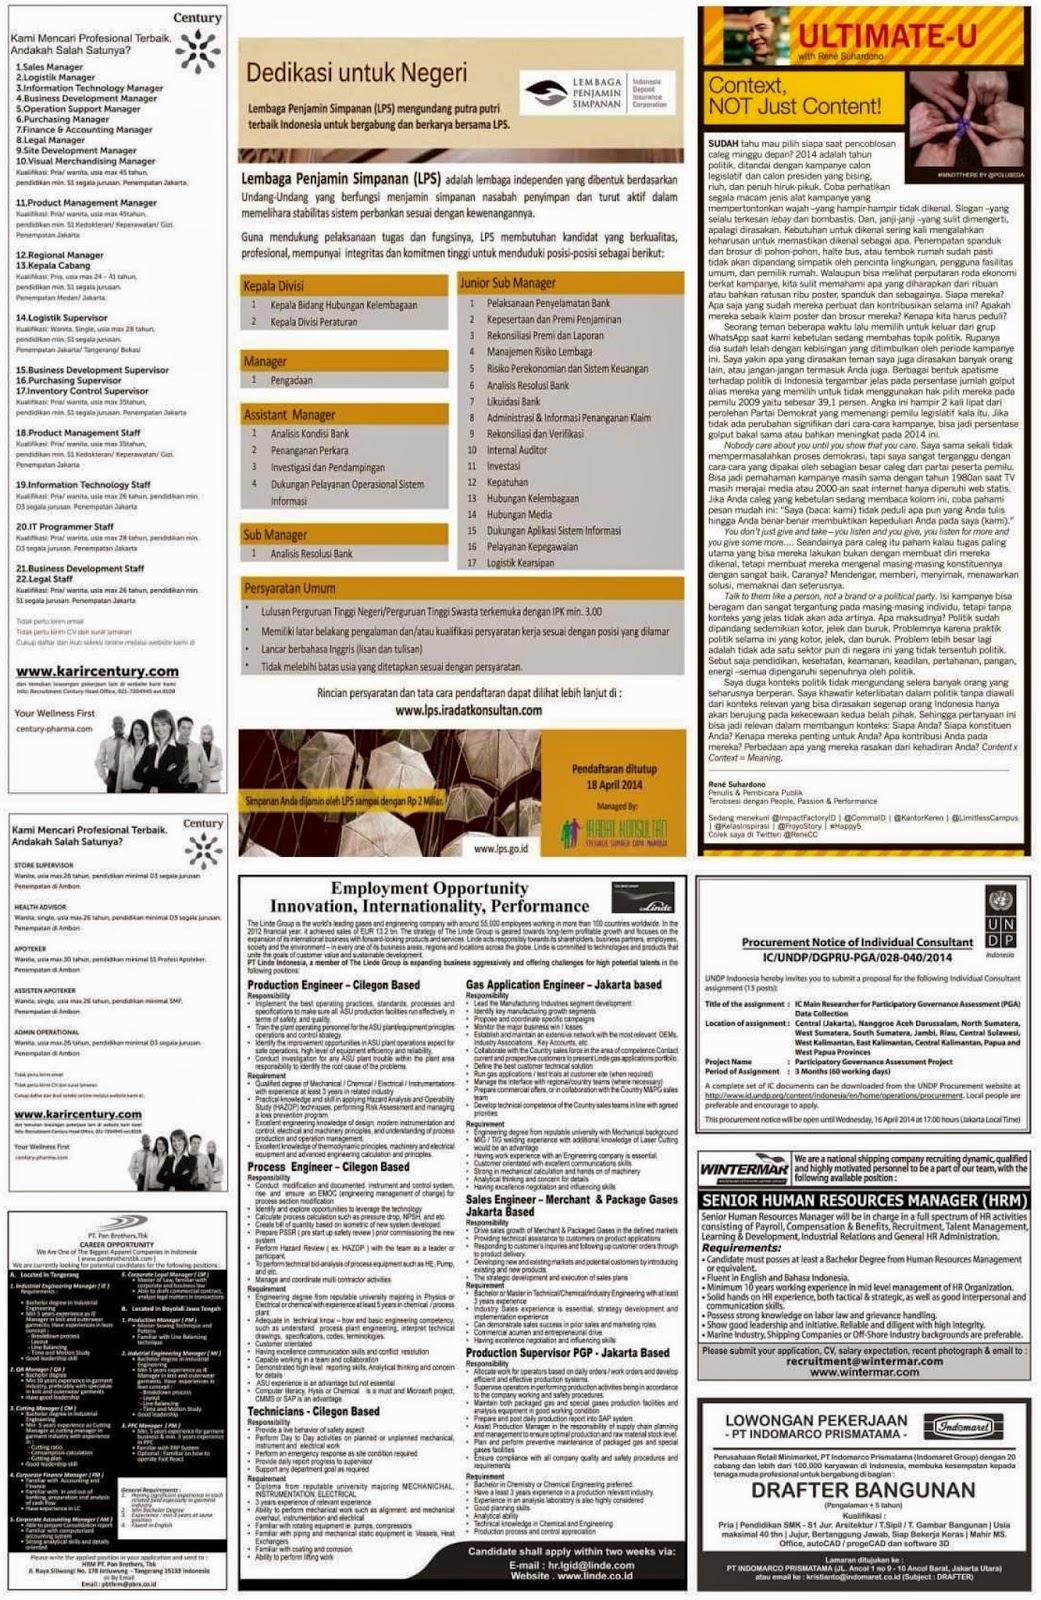 Lowongan Kerja Guru Di Cikarang 2013 Info Terbaru 2016 Info Harian Terbaru Berikut Kami Tampilkan Beberapa Lowongan Kerja Yang Di Muat Di Koran